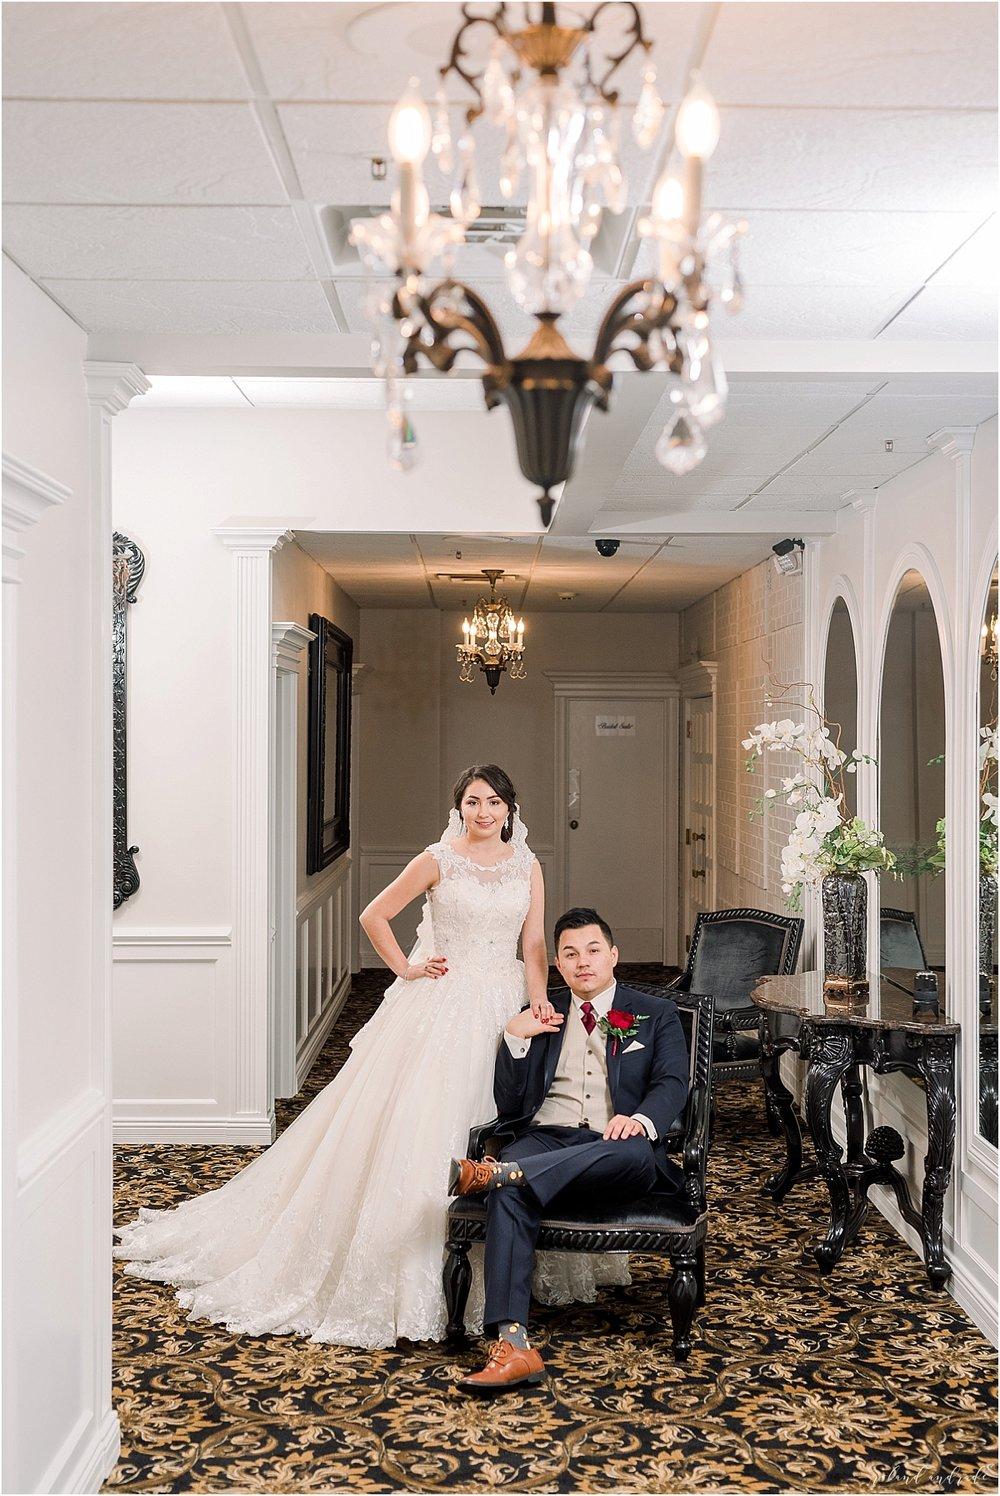 Alpine Banquets Wedding, Chicago Wedding Photographer, Naperville Wedding Photographer, Best Photographer In Aurora, Best Photographer In Chicago_0053.jpg